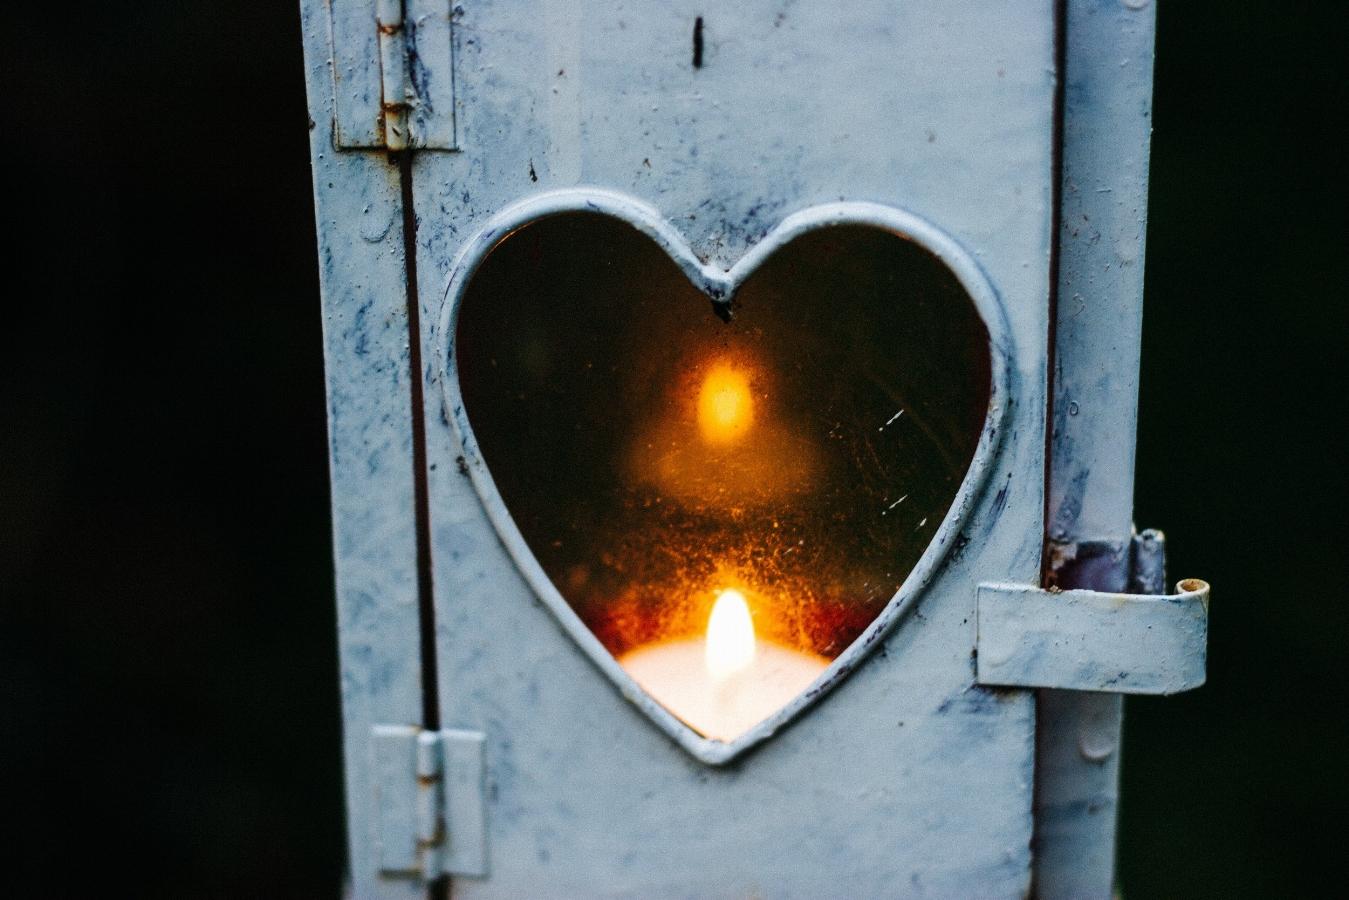 cathal-mac-an-bheatha-208192-unsplash_Heart_Lamp.jpg